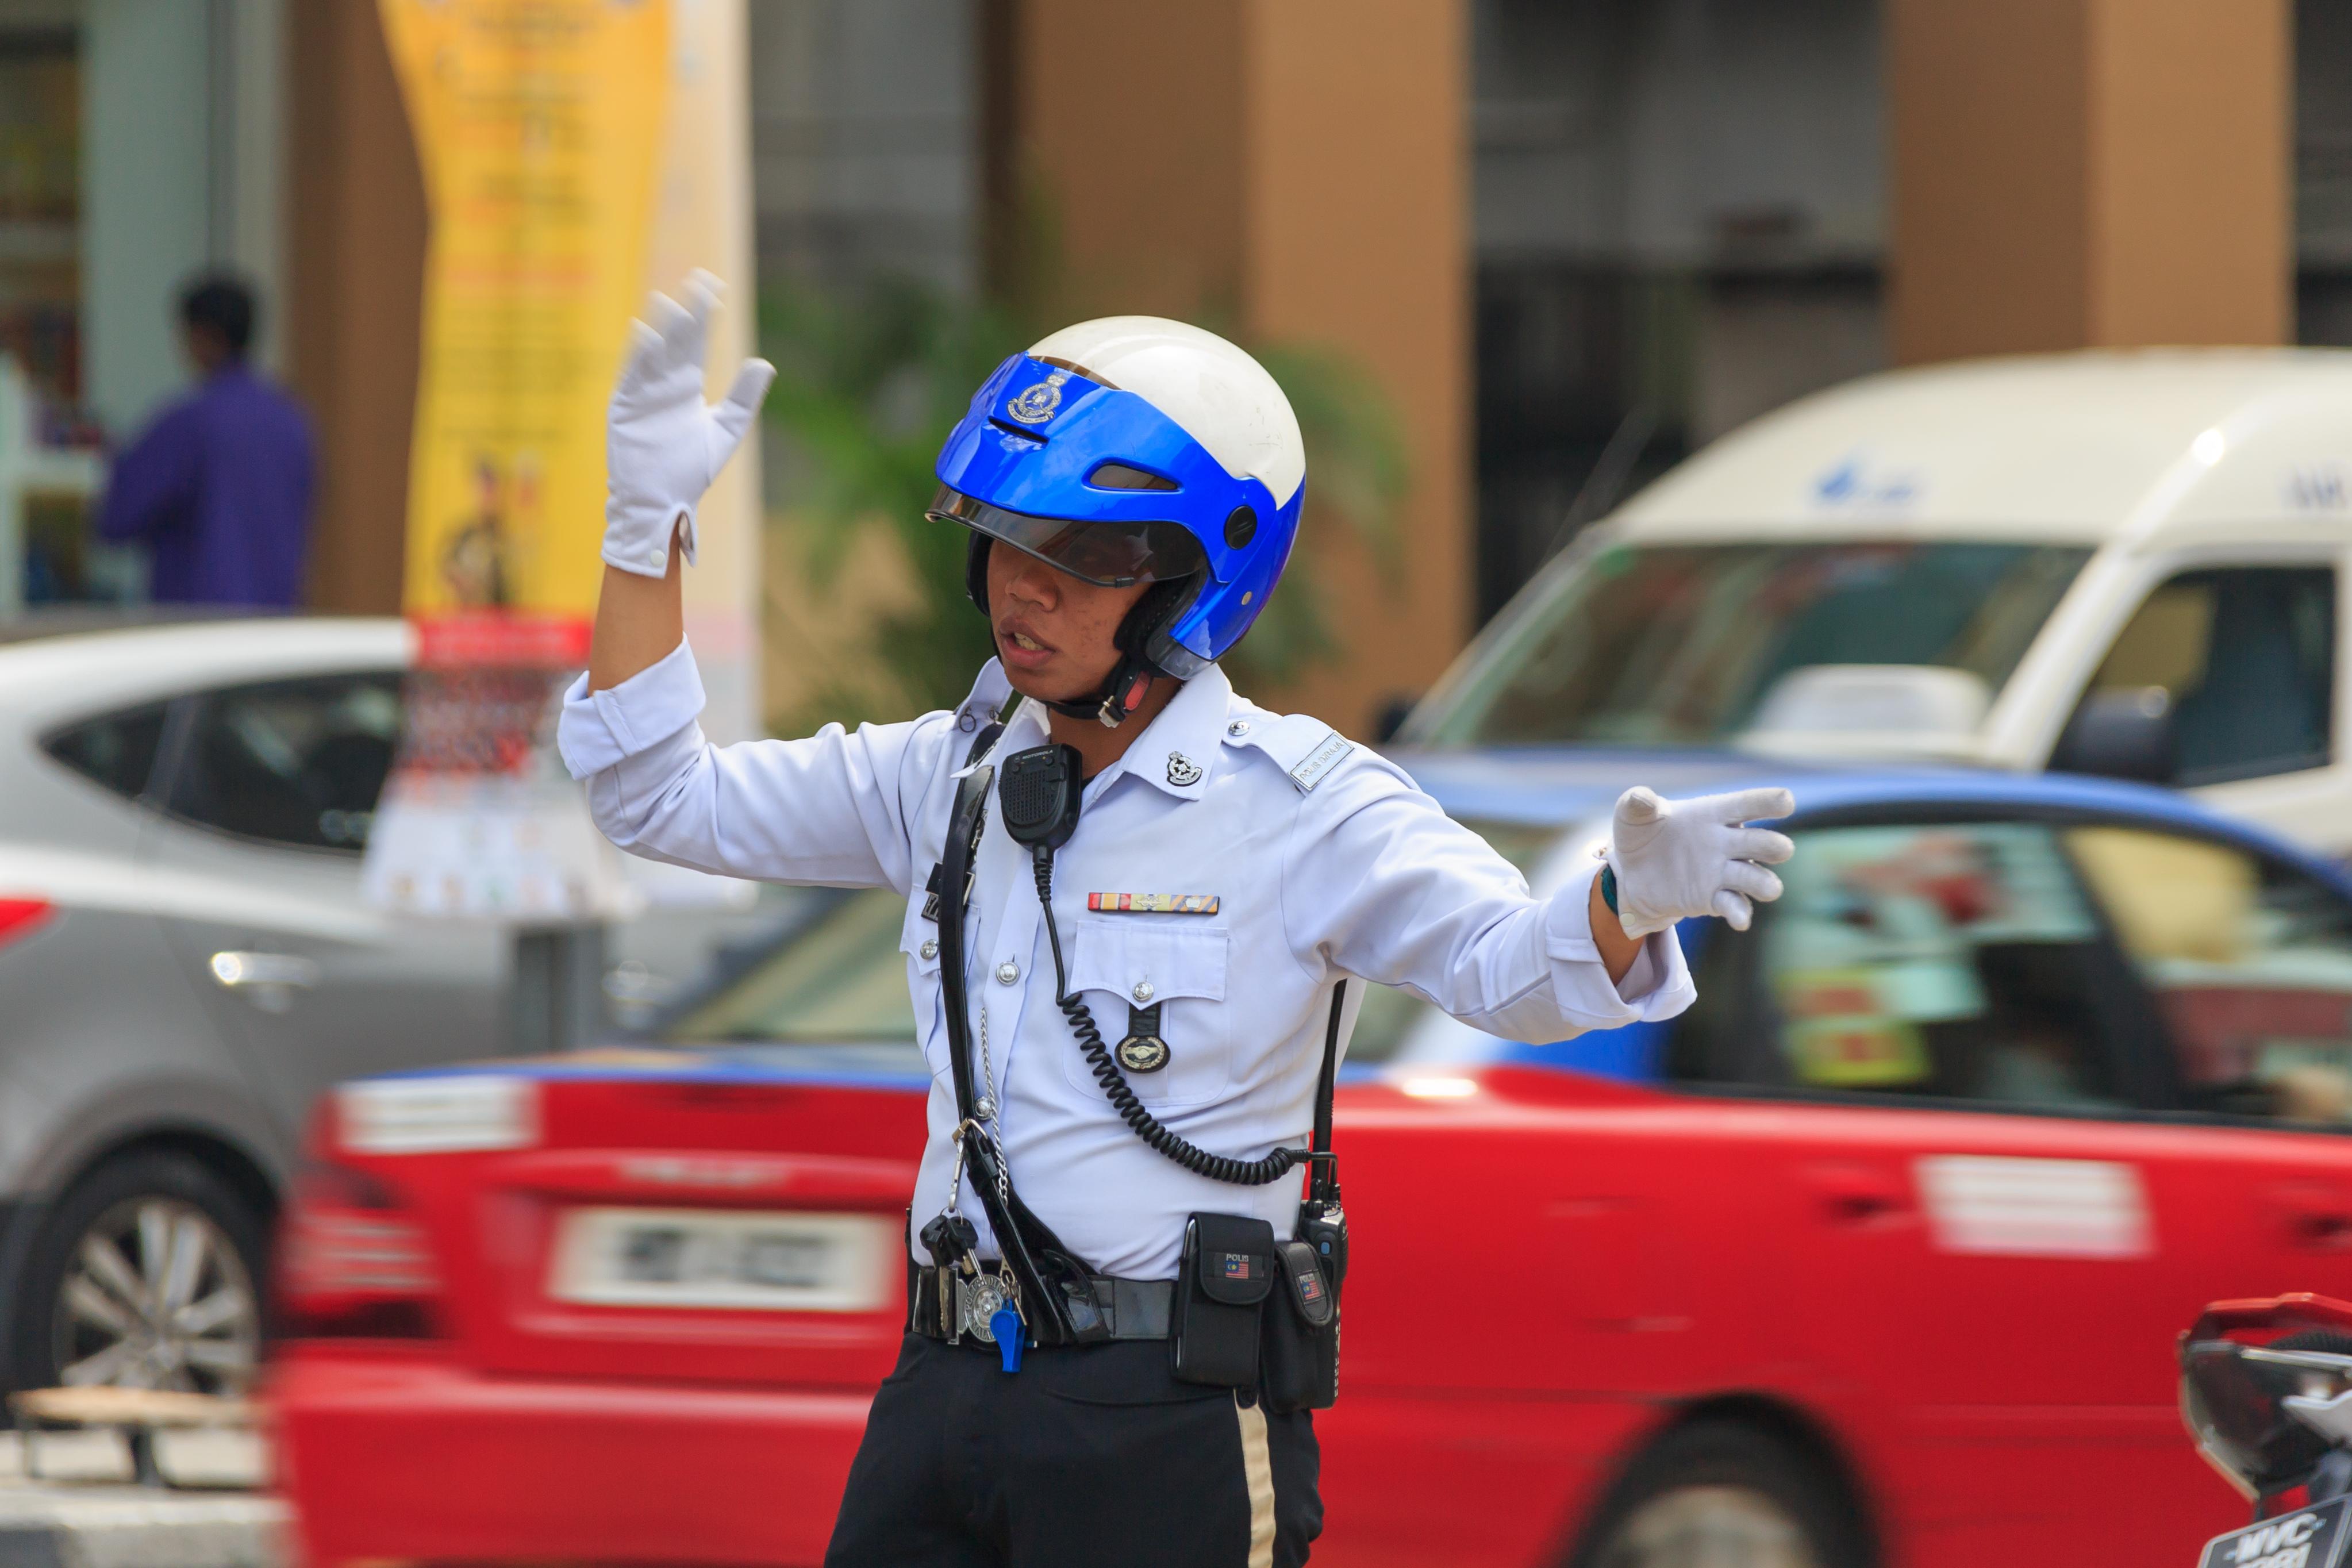 Kuala_Lumpur_Malaysia_Traffic-police